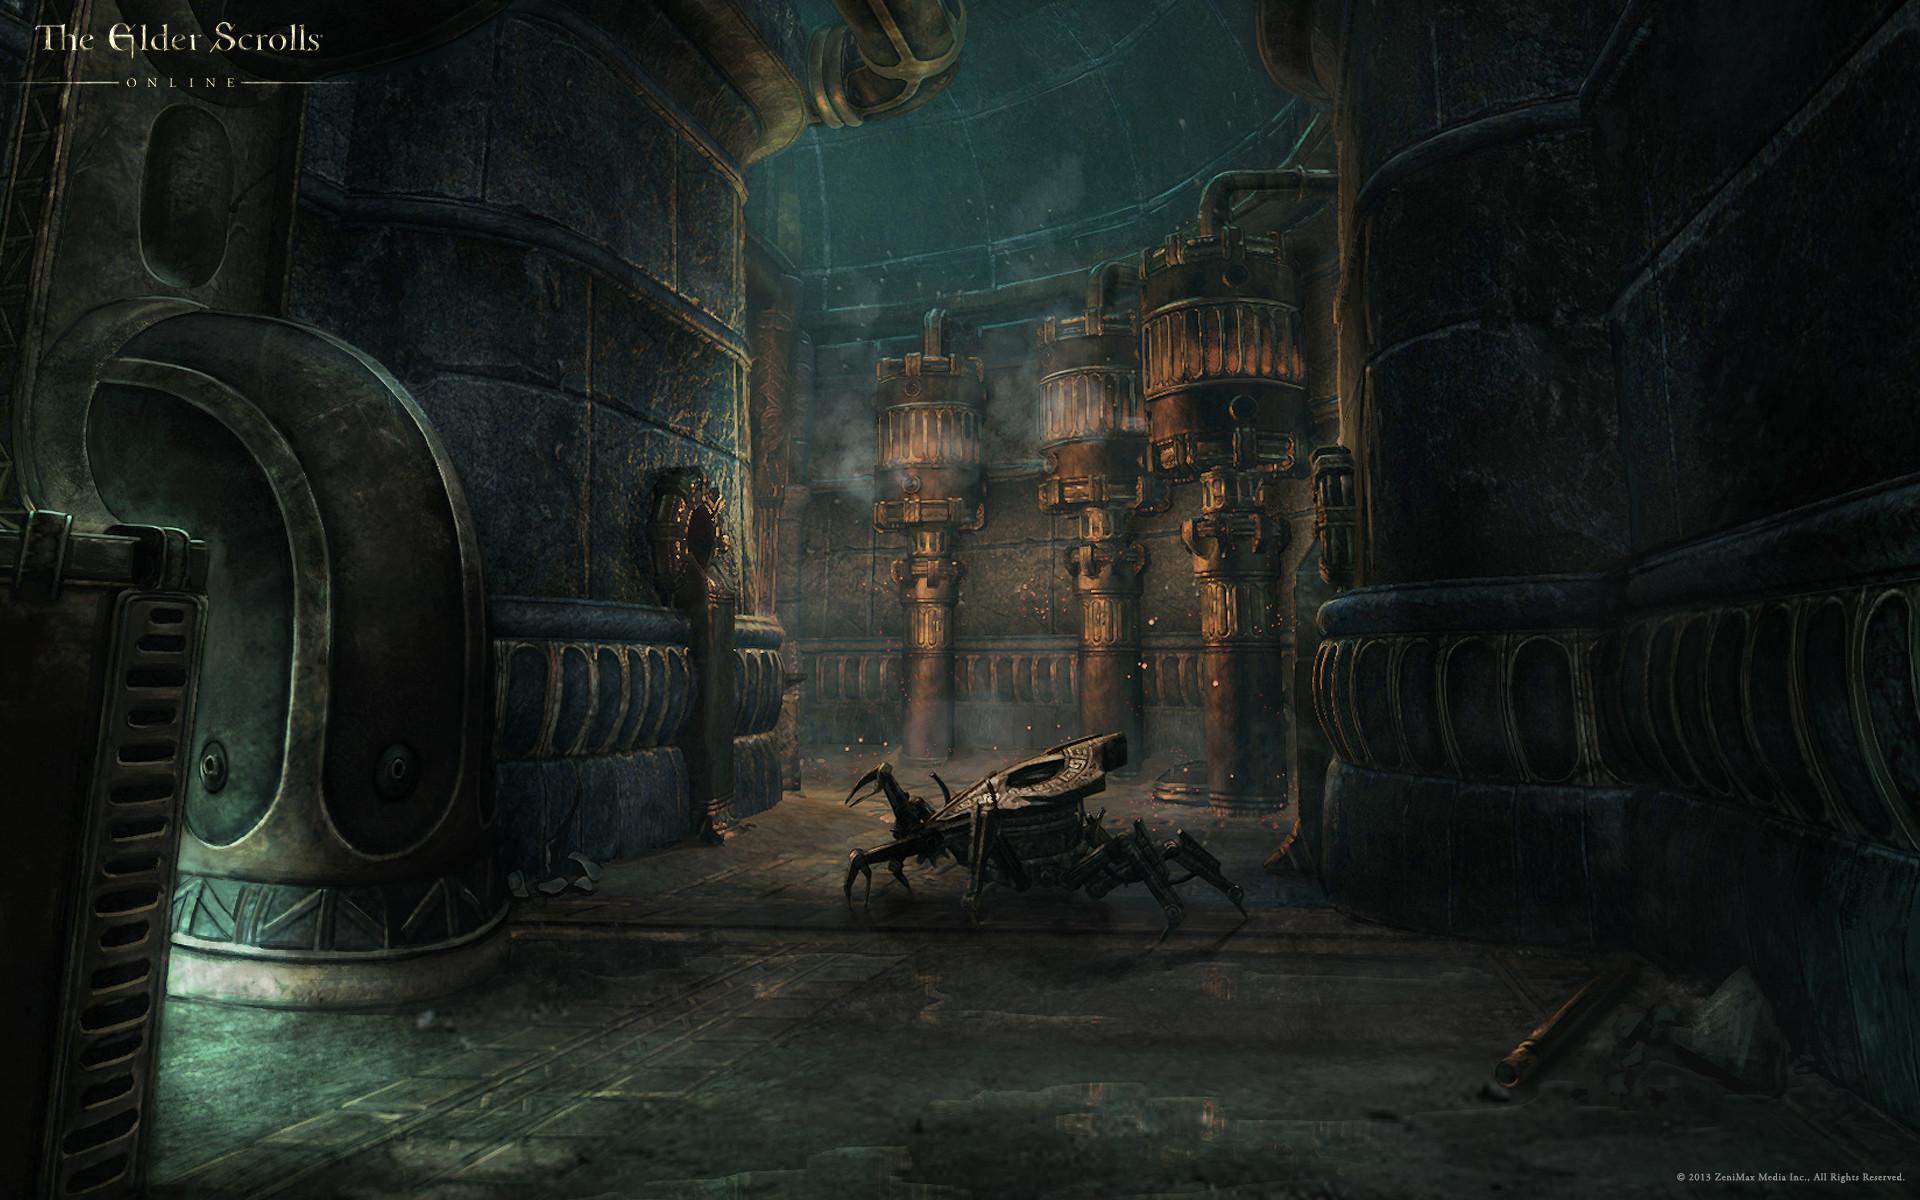 Wallpaper The Elder Scrolls Online: Dwemer Ruin